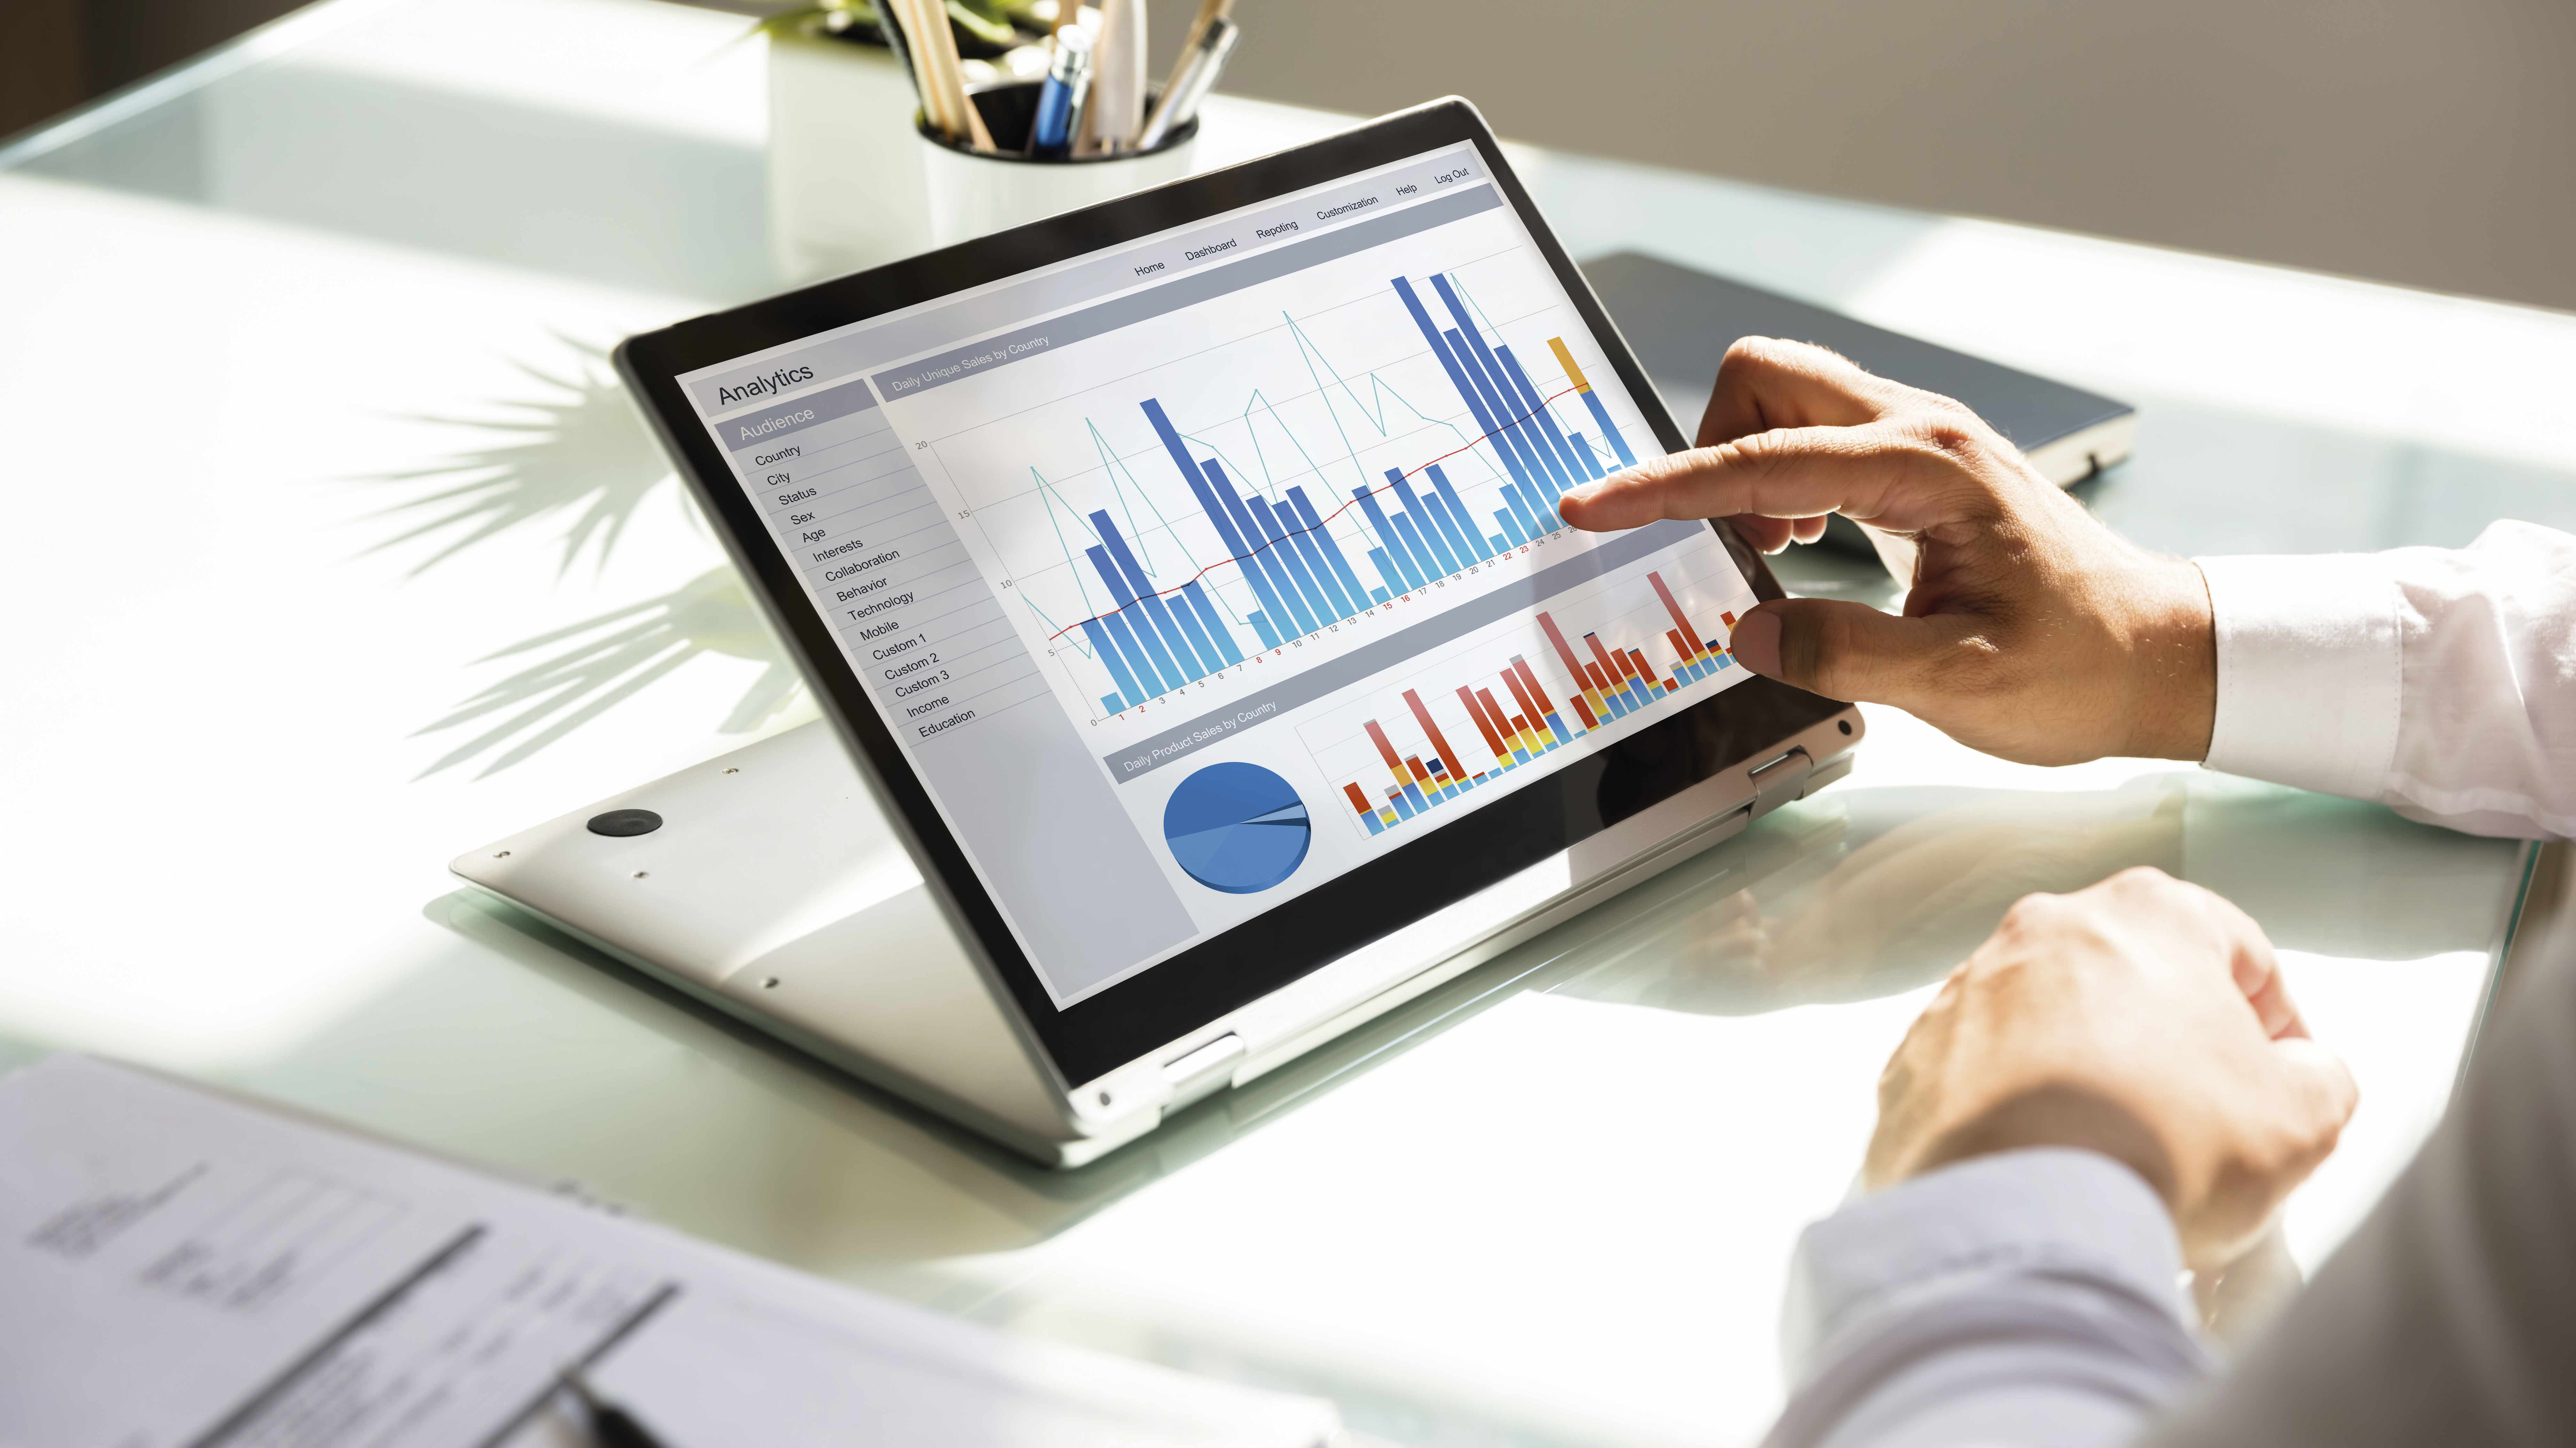 Gestión del talento: digitalización de las evaluaciones de desempeño para mejorar la experiencia del trabajador